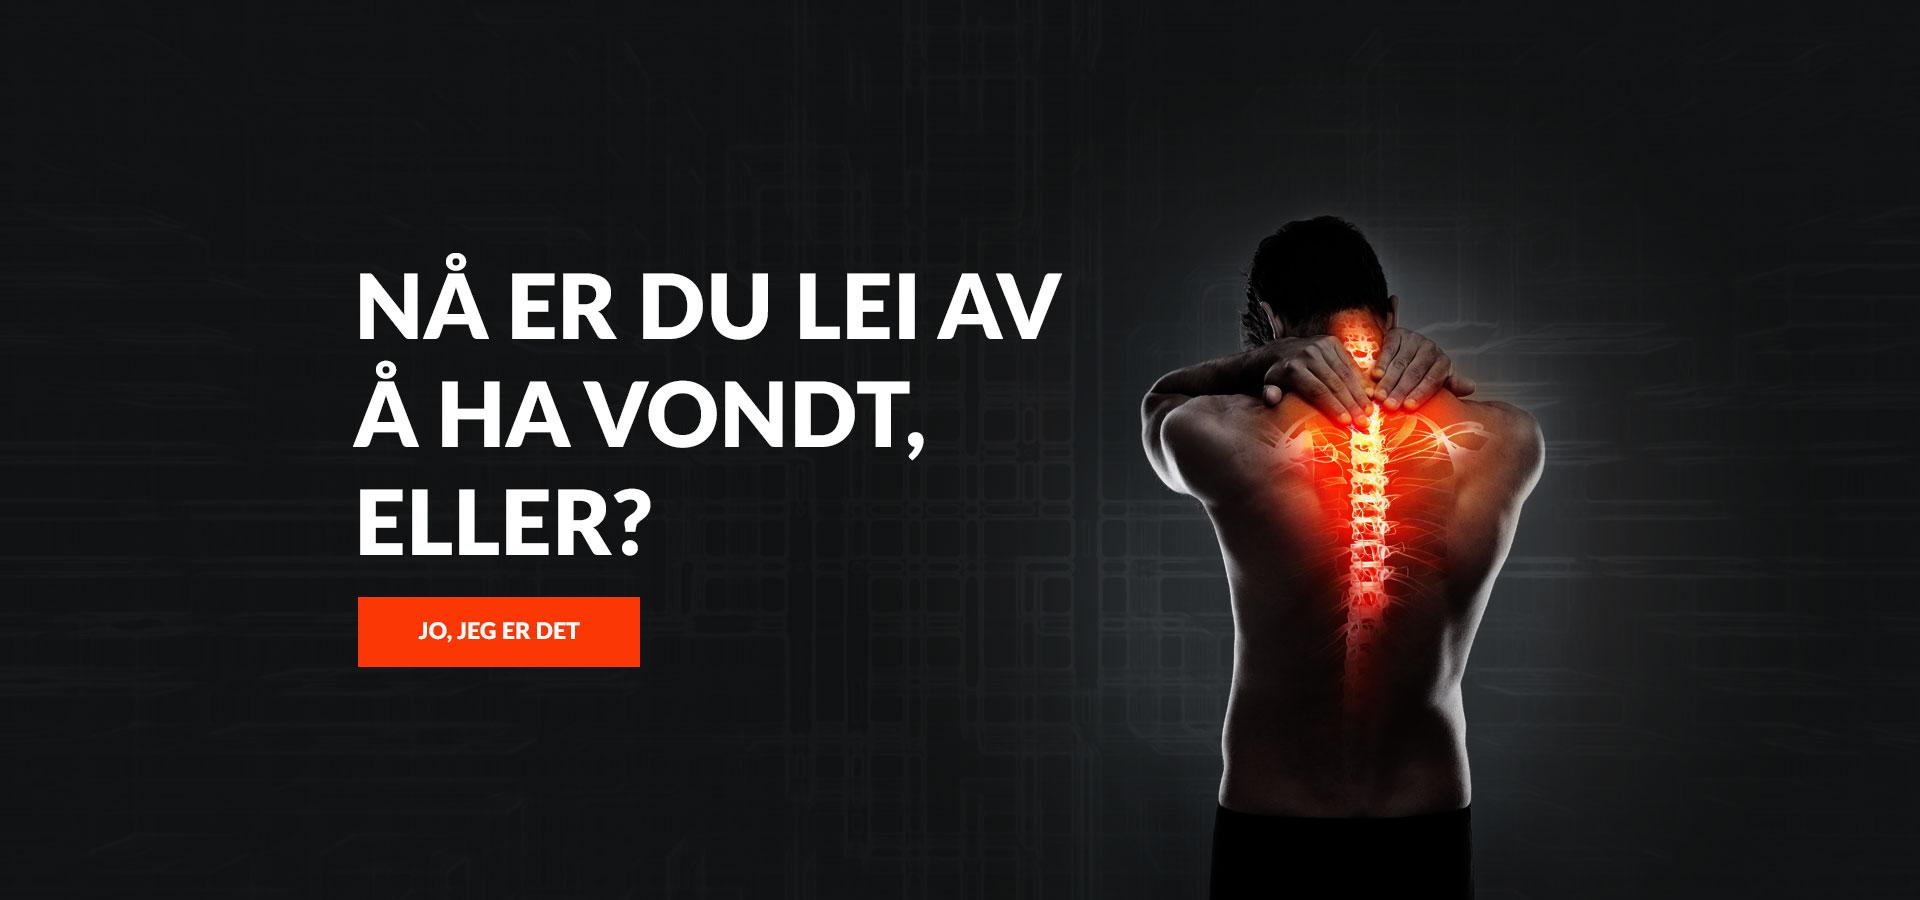 Naprapat i Fredrikstad – Nå er du lei av å ha vondt, eller?